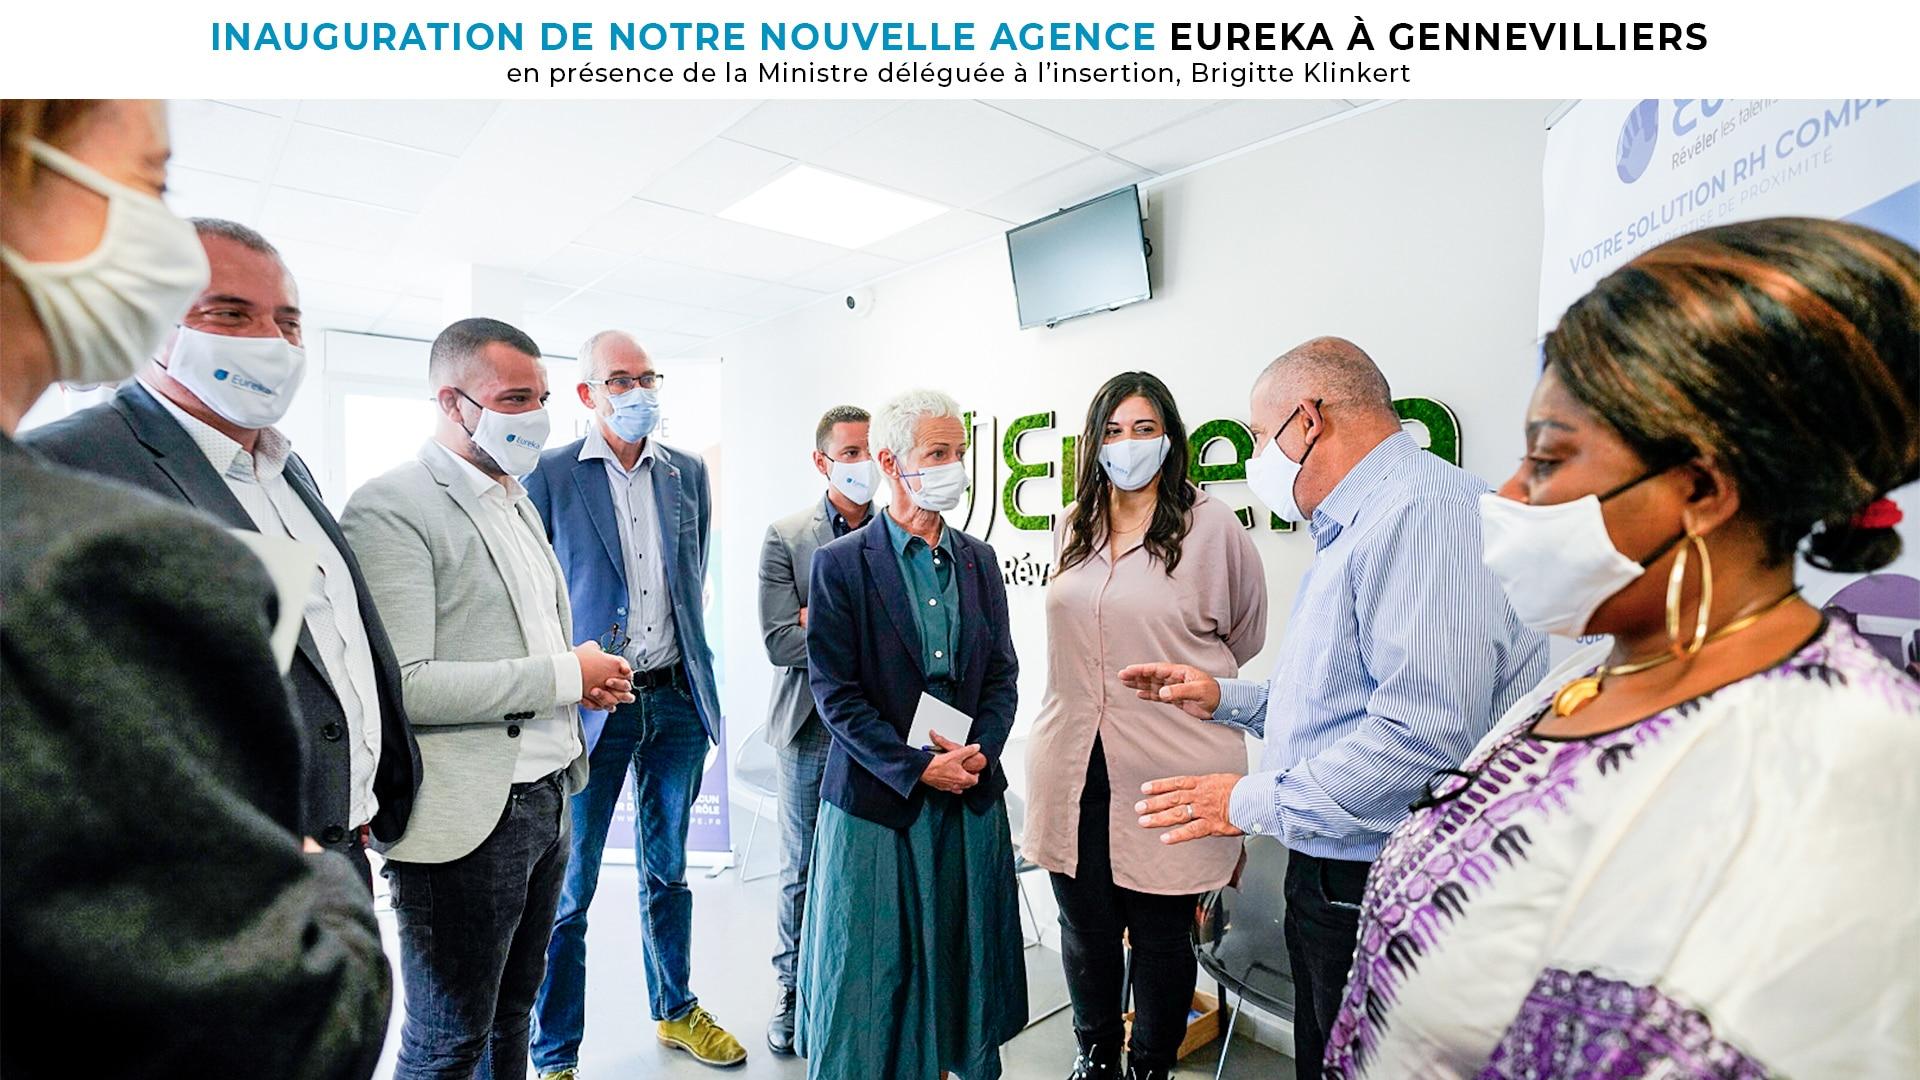 Inauguration de notre Nouvelle Agence Eureka à Gennevilliers